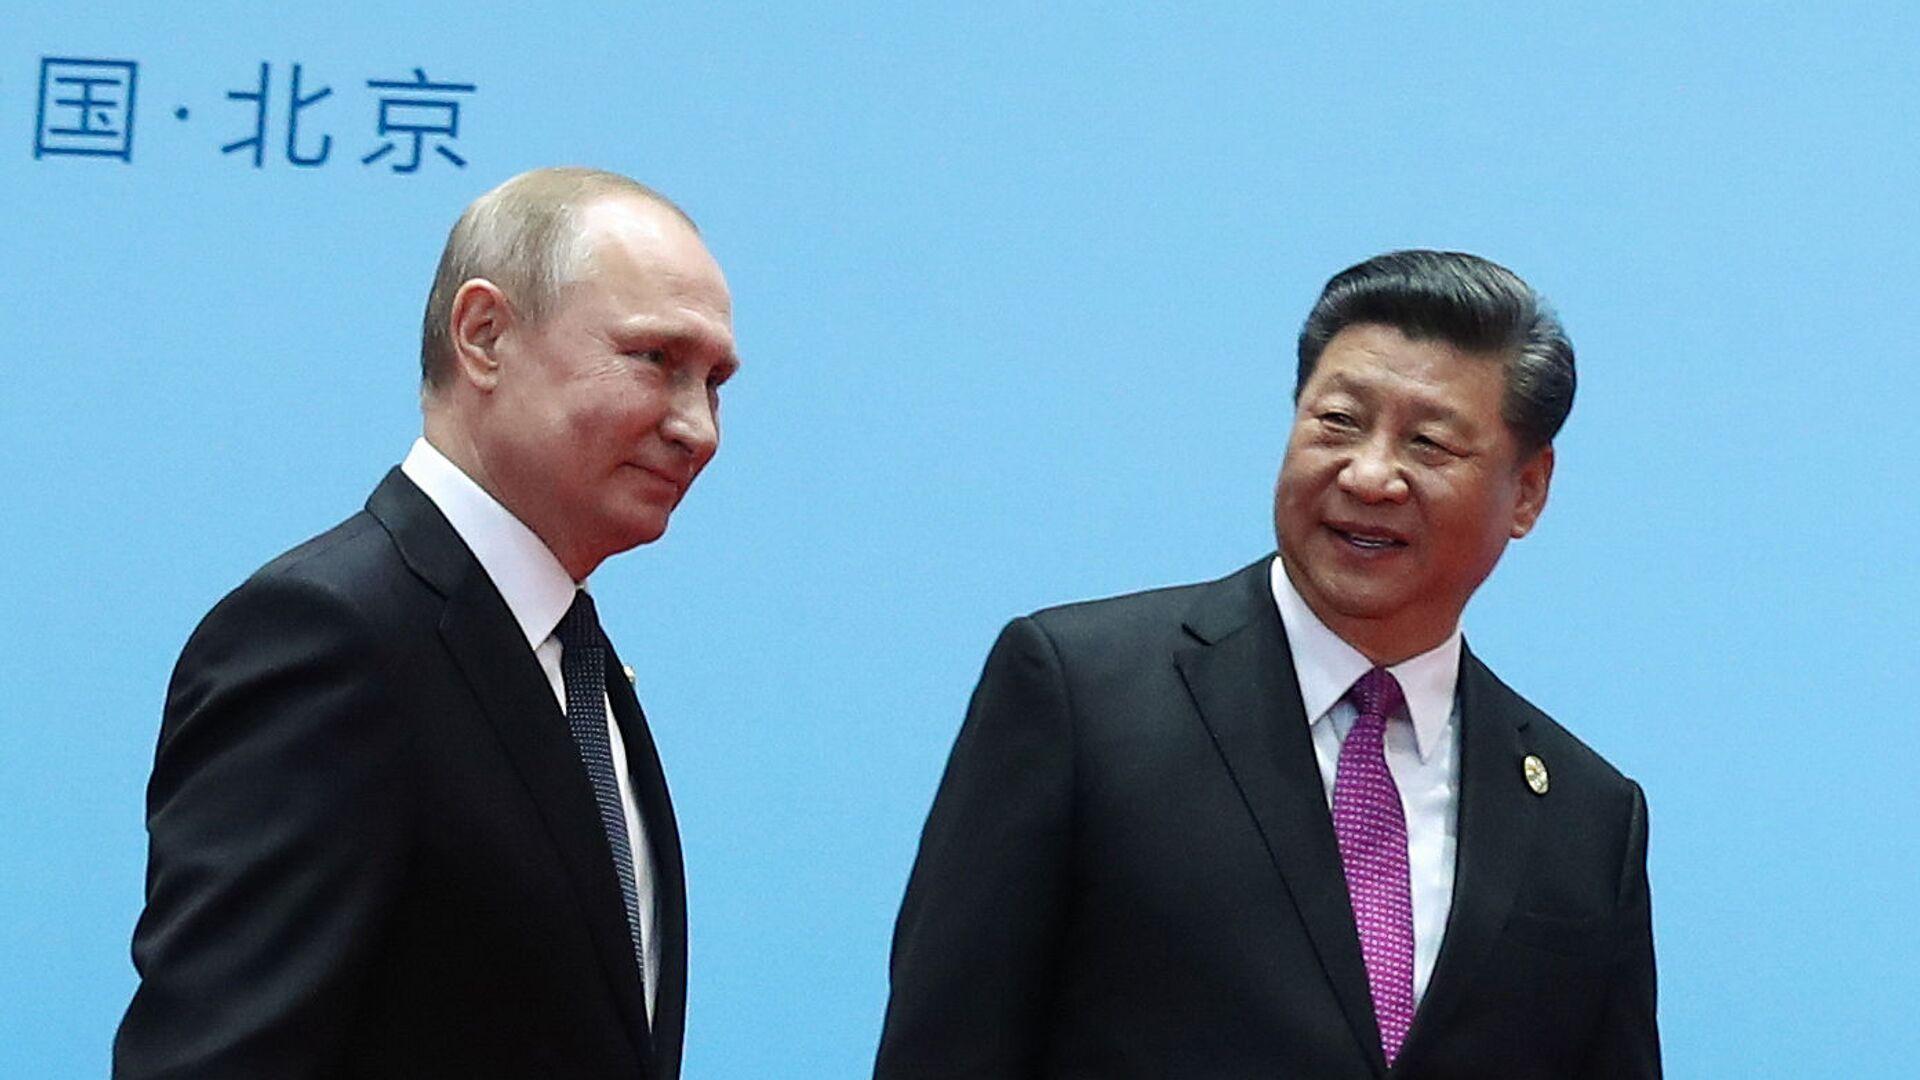 El presidente de Rusia, Vladímir Putin, y el presidente de China, Xi Jinping - Sputnik Mundo, 1920, 18.05.2021